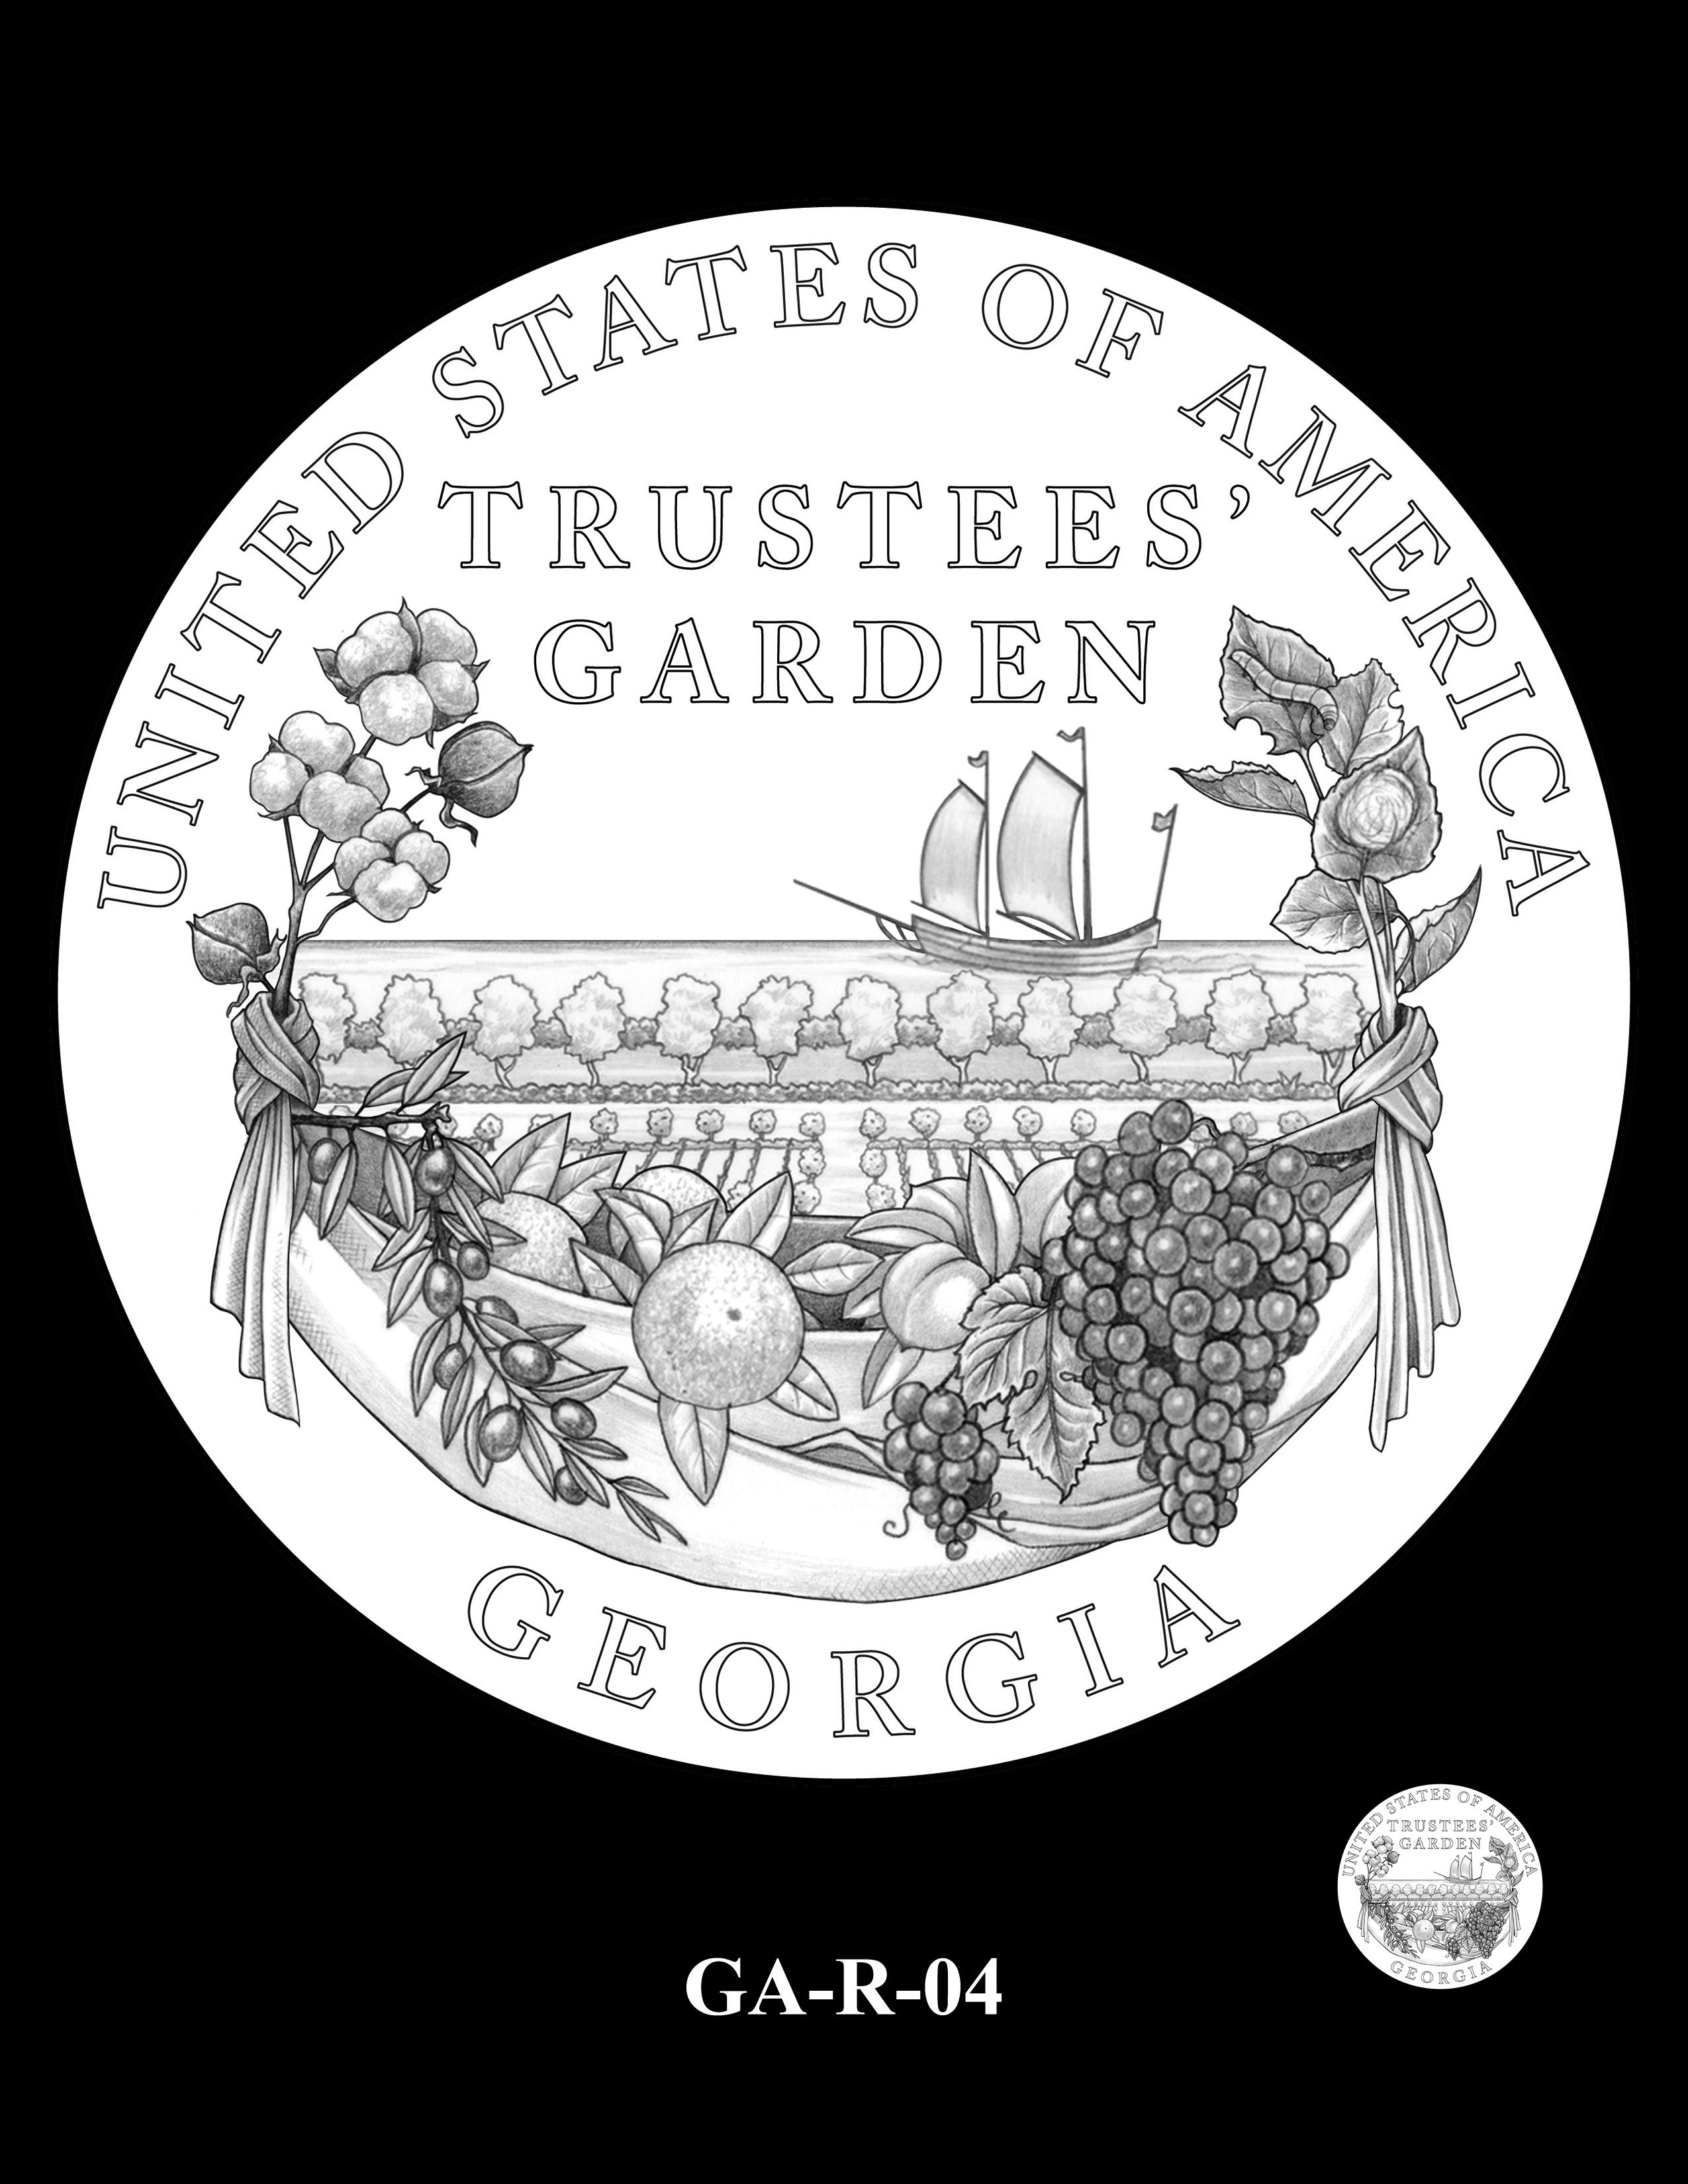 GA-R-04 -- 2019 American Innovation $1 Coin Program